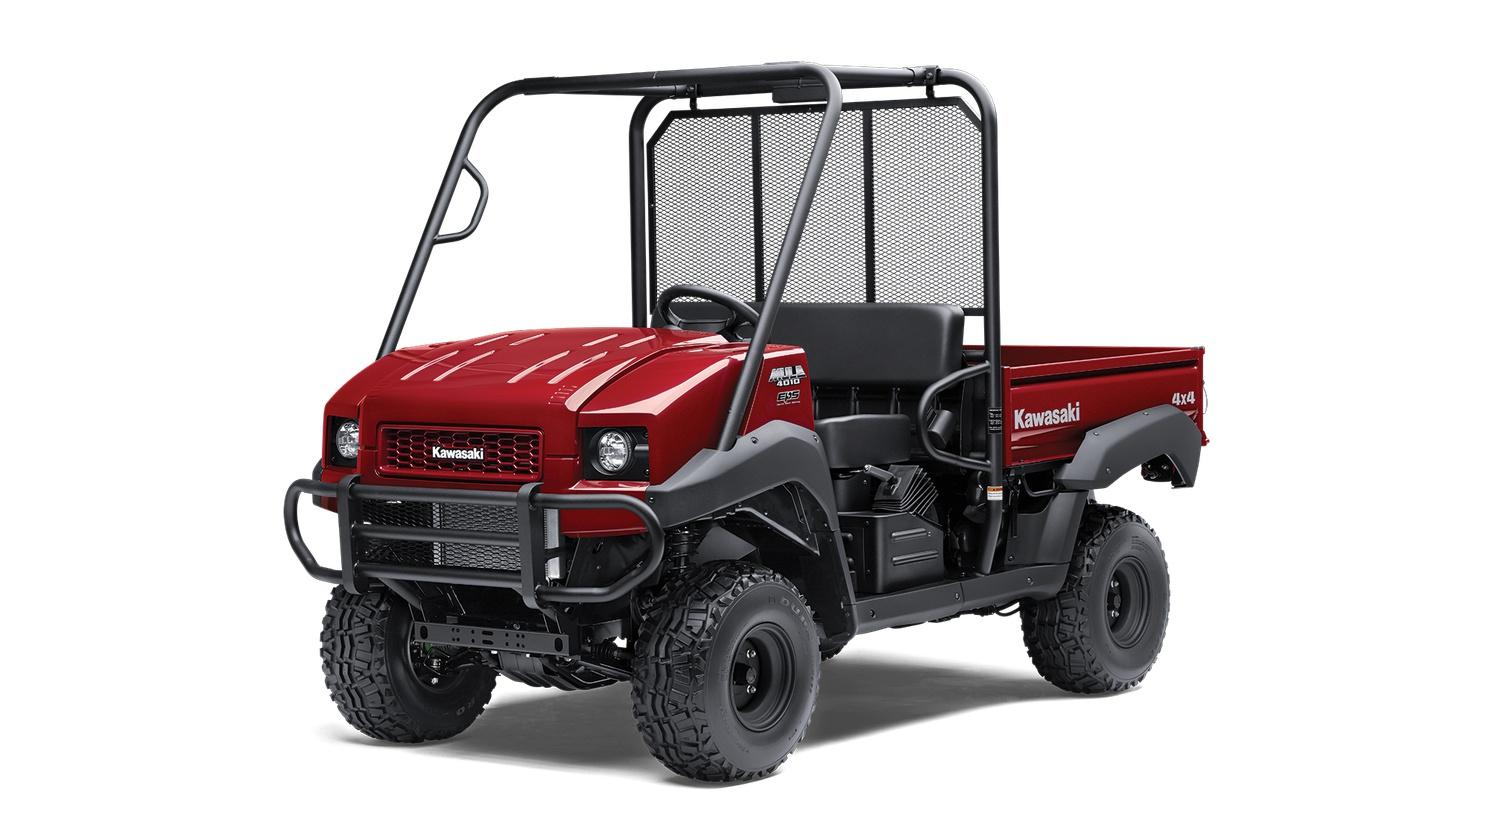 Kawasaki MULE 4010 4x4 Rouge Royal Foncé 2020